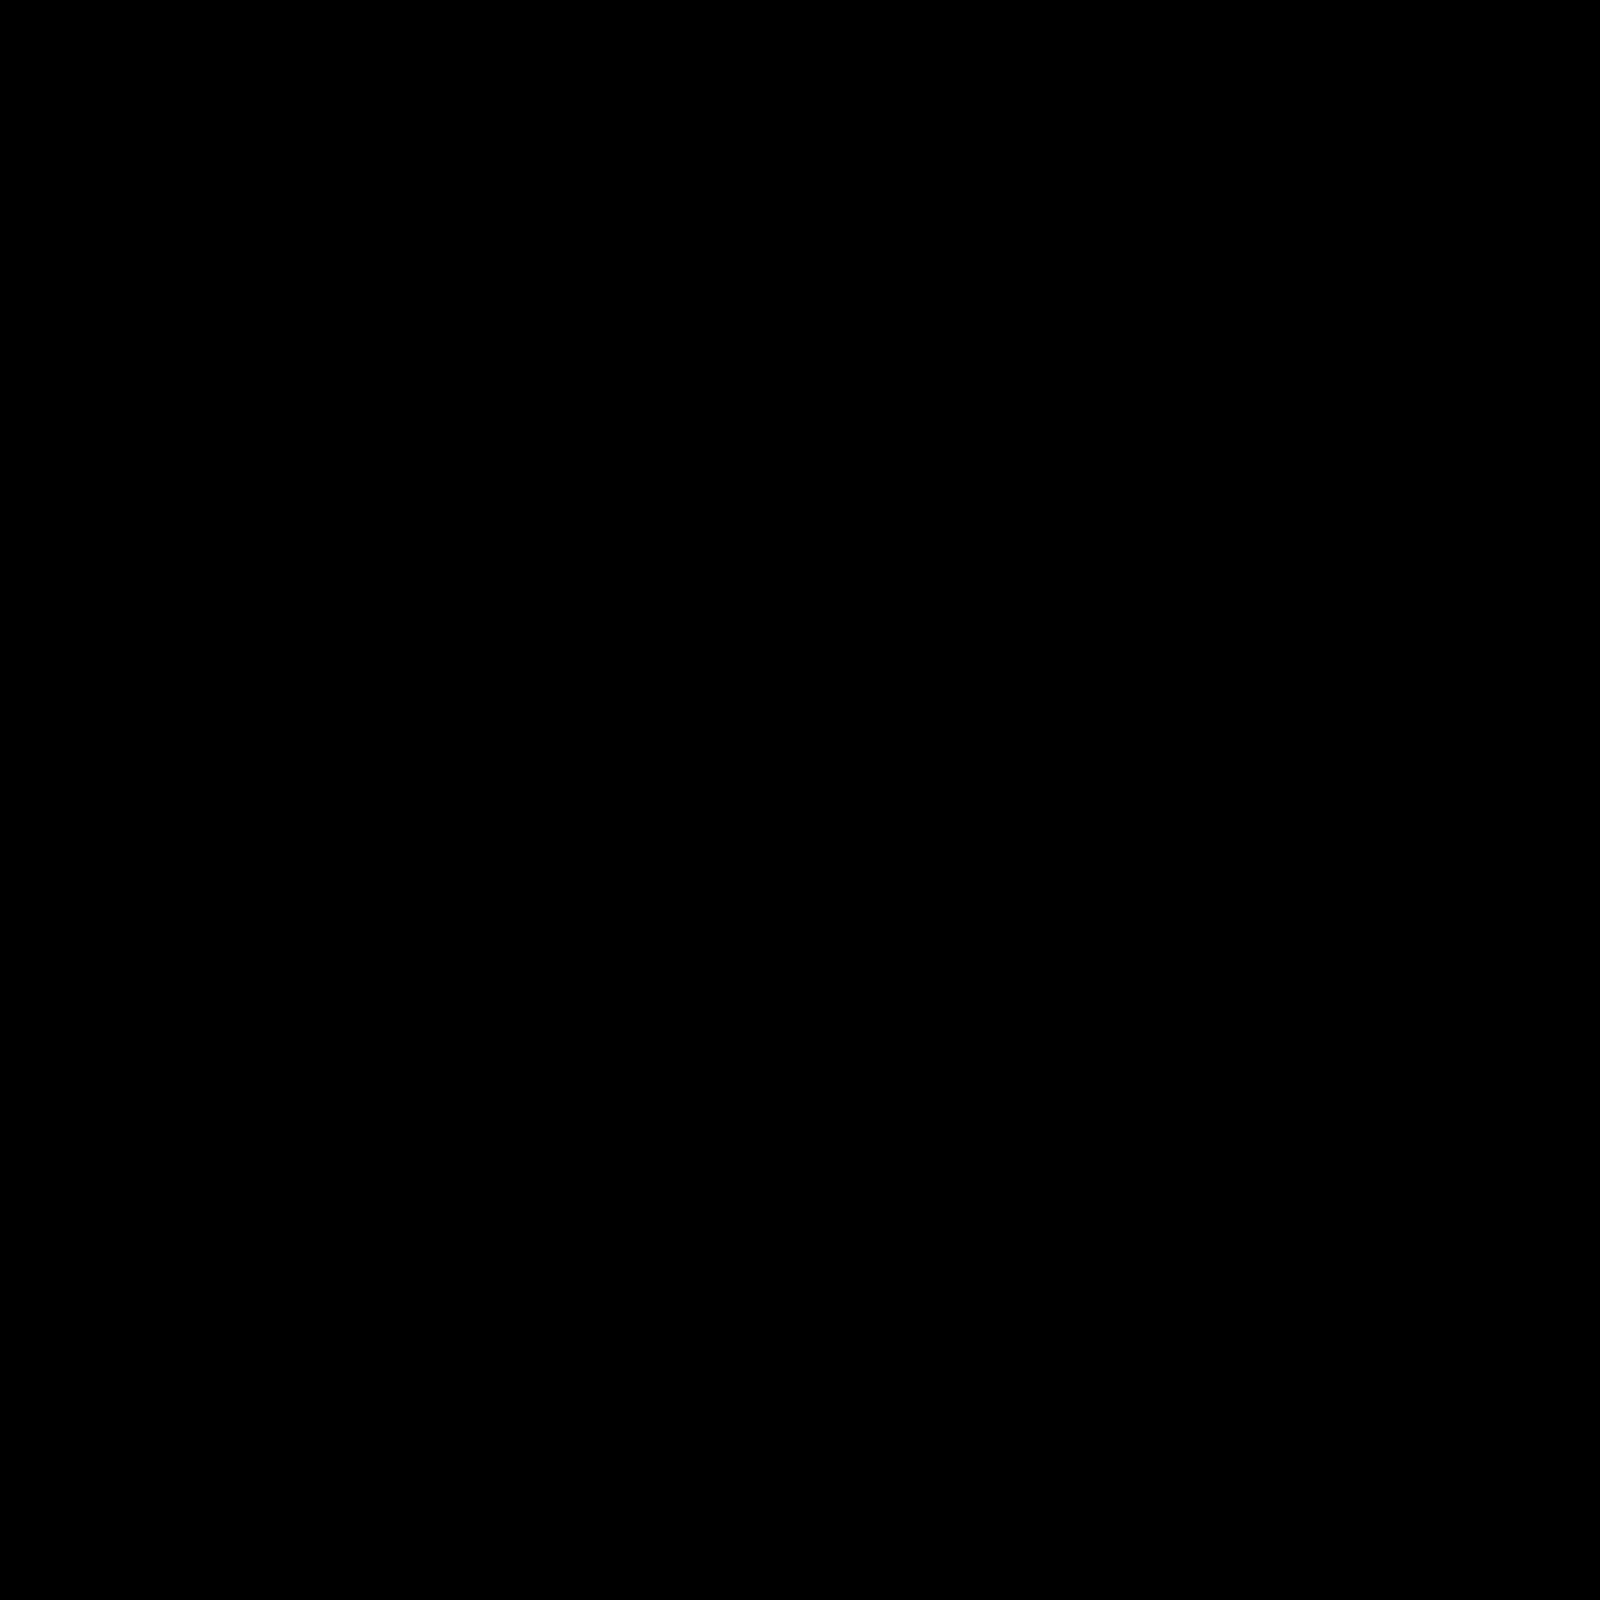 视频电话 icon